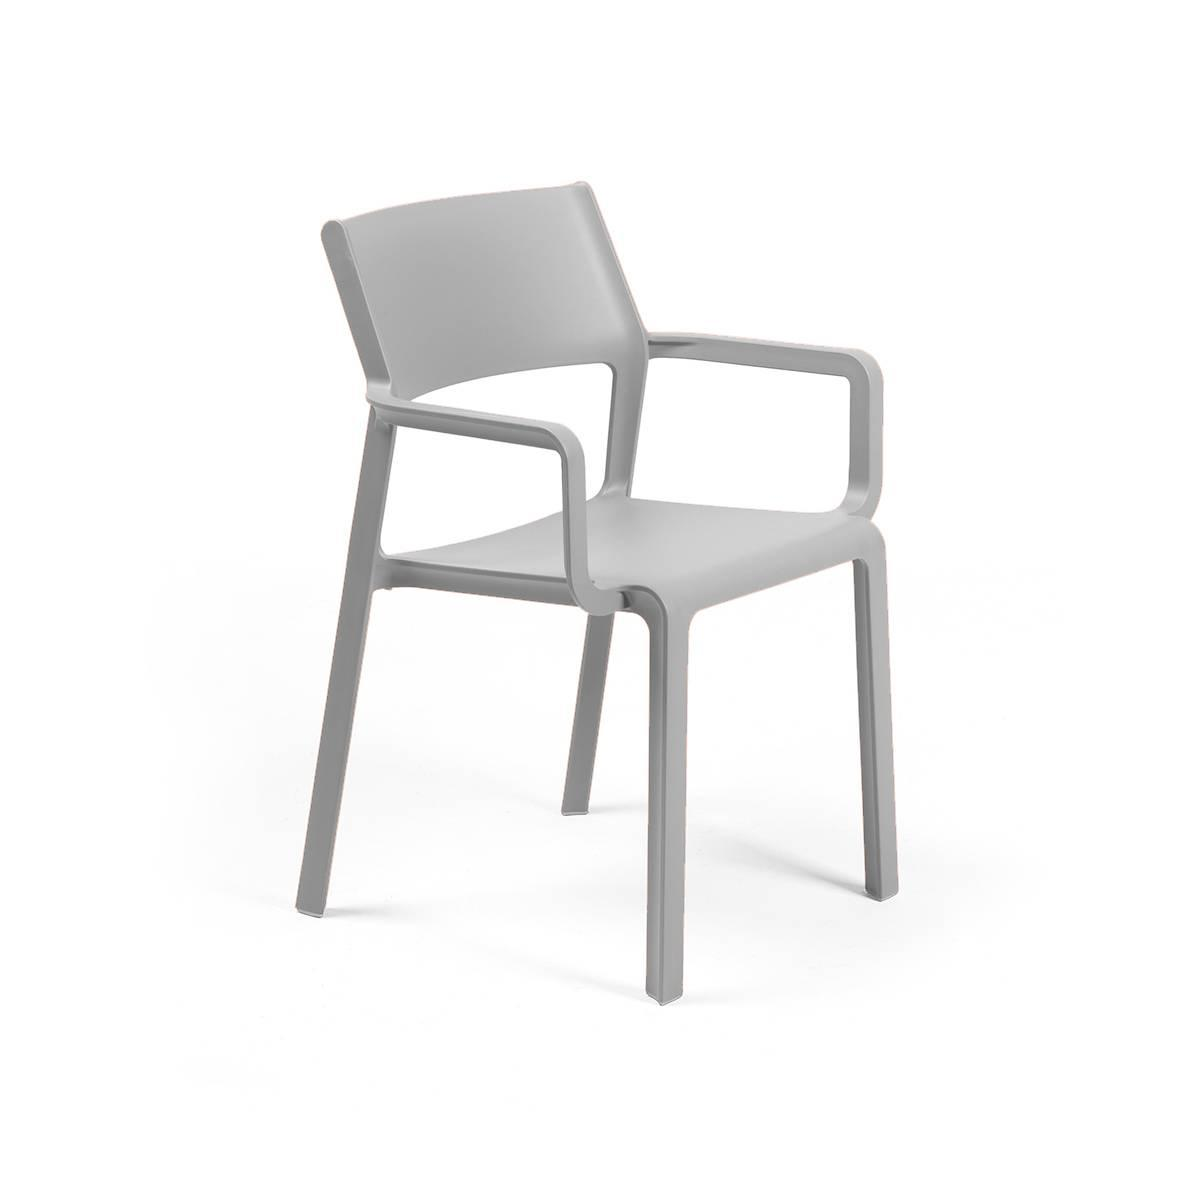 Крісло Trill grigio з підлокітниками 58,5х53,5х82,5см